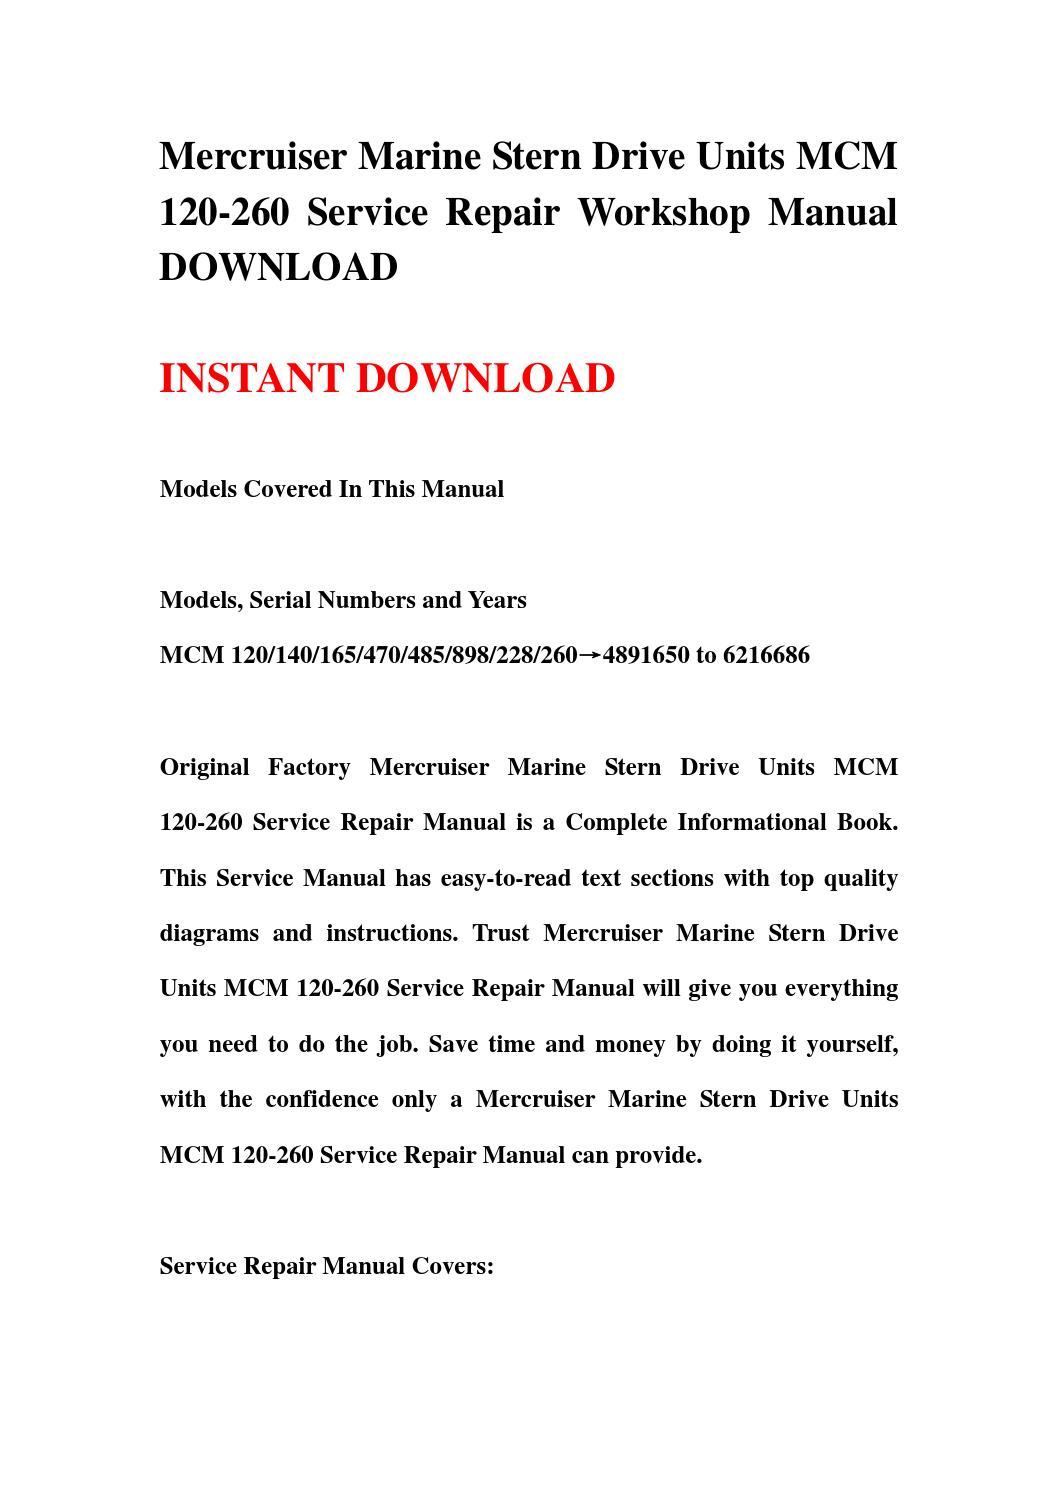 mercruiser service manual number 23 marine engines gm v 8 454 cid 74l 502 cid 82l